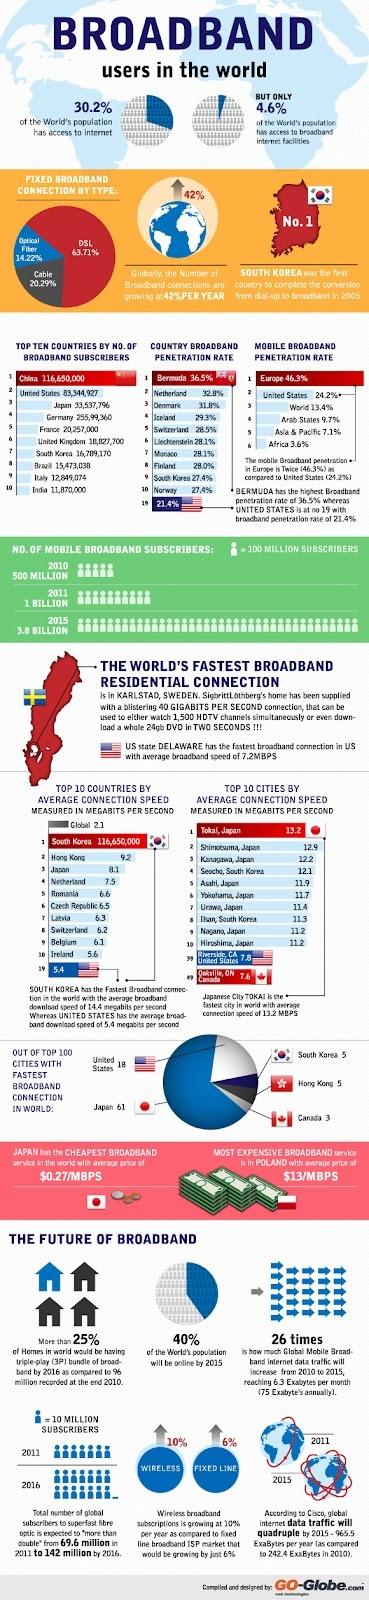 Usuarios de banda ancha en el mundo | Broadband users in the world